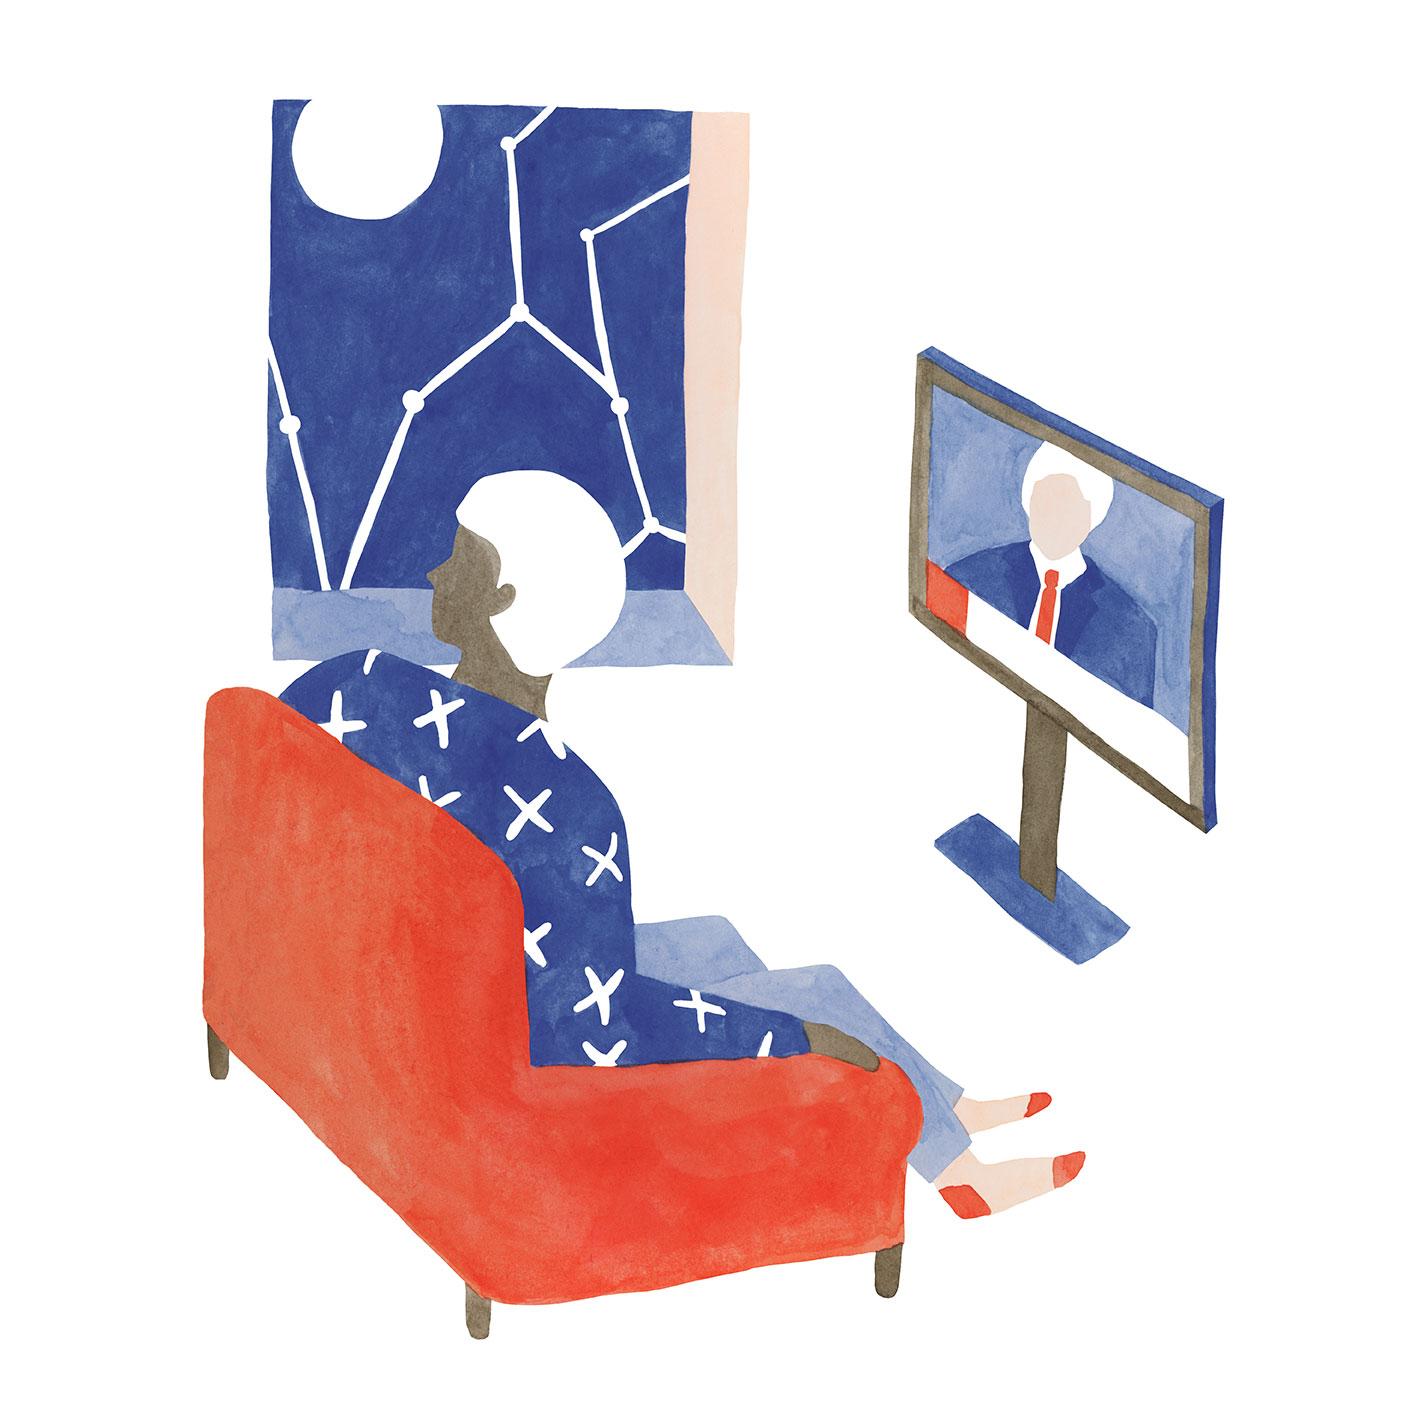 Fanny-Monier-Illustration-Nouveau-média-Unsighted-indépendant-artistes-rédacteurs